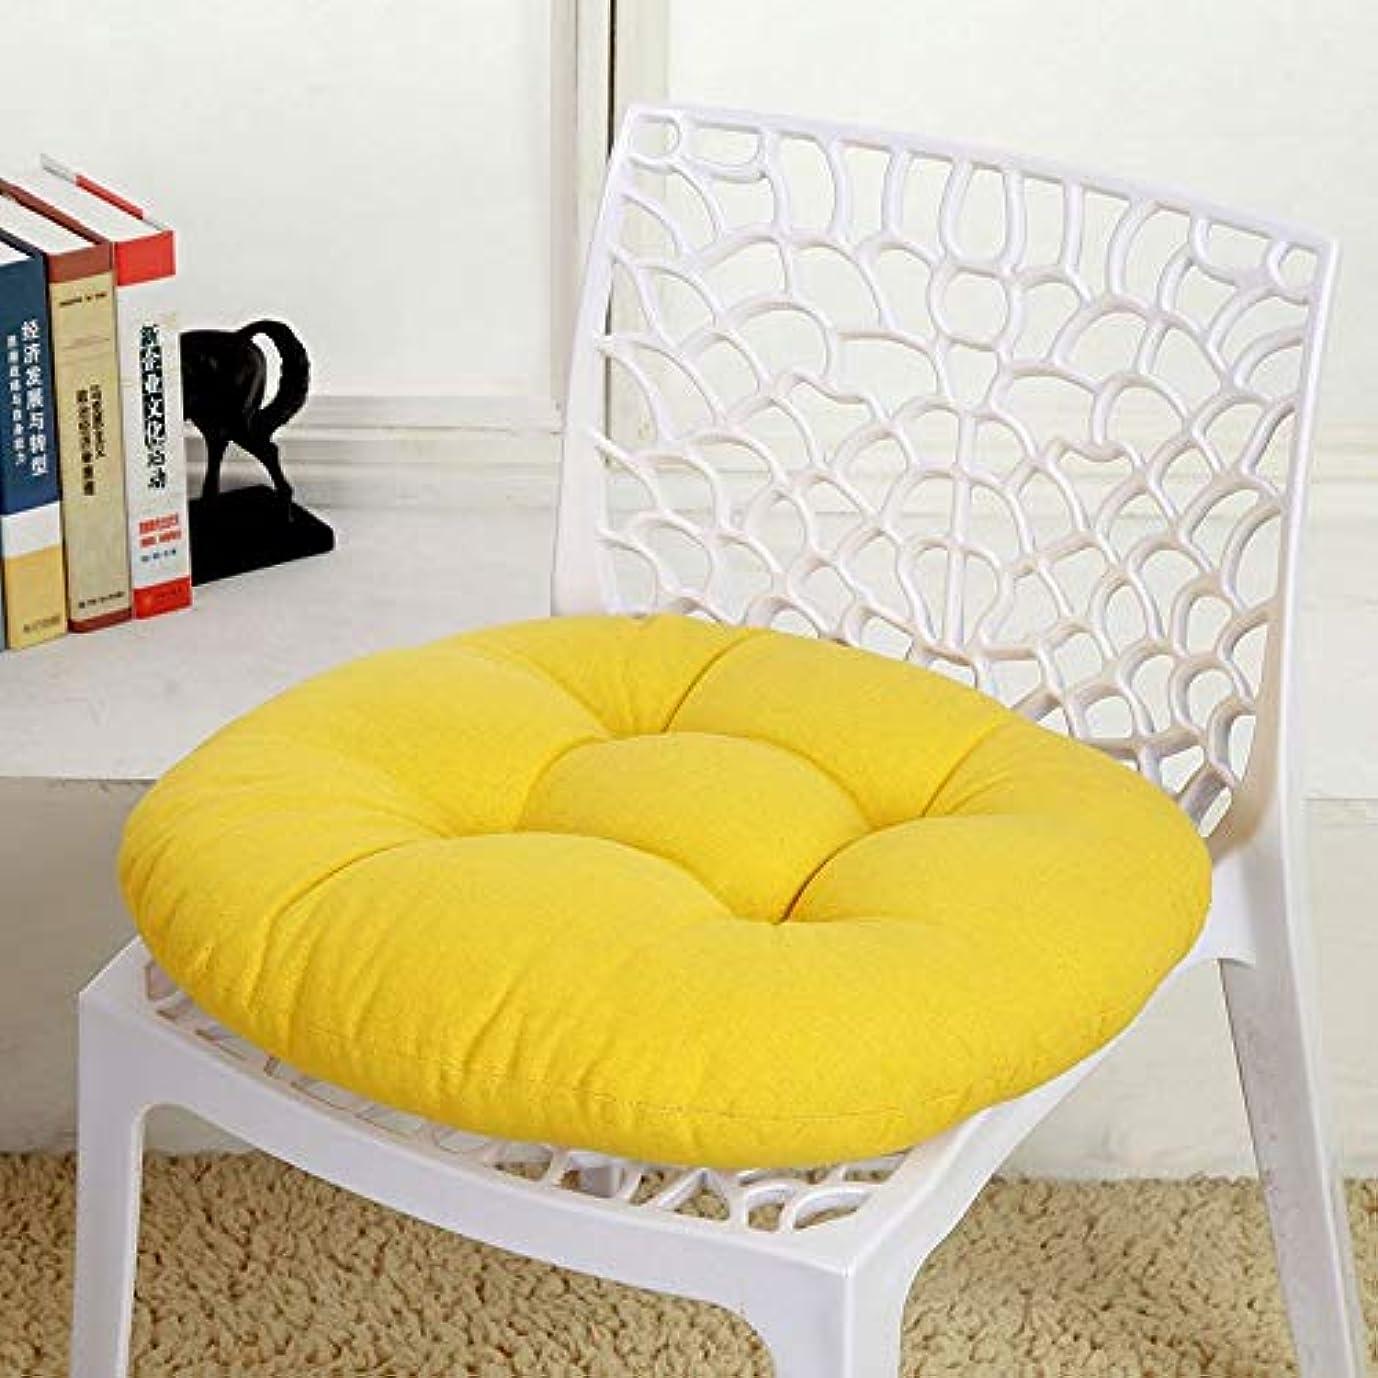 服を洗う広々ペンフレンドSMART キャンディカラーのクッションラウンドシートクッション波ウィンドウシートクッションクッション家の装飾パッドラウンド枕シート枕椅子座る枕 クッション 椅子